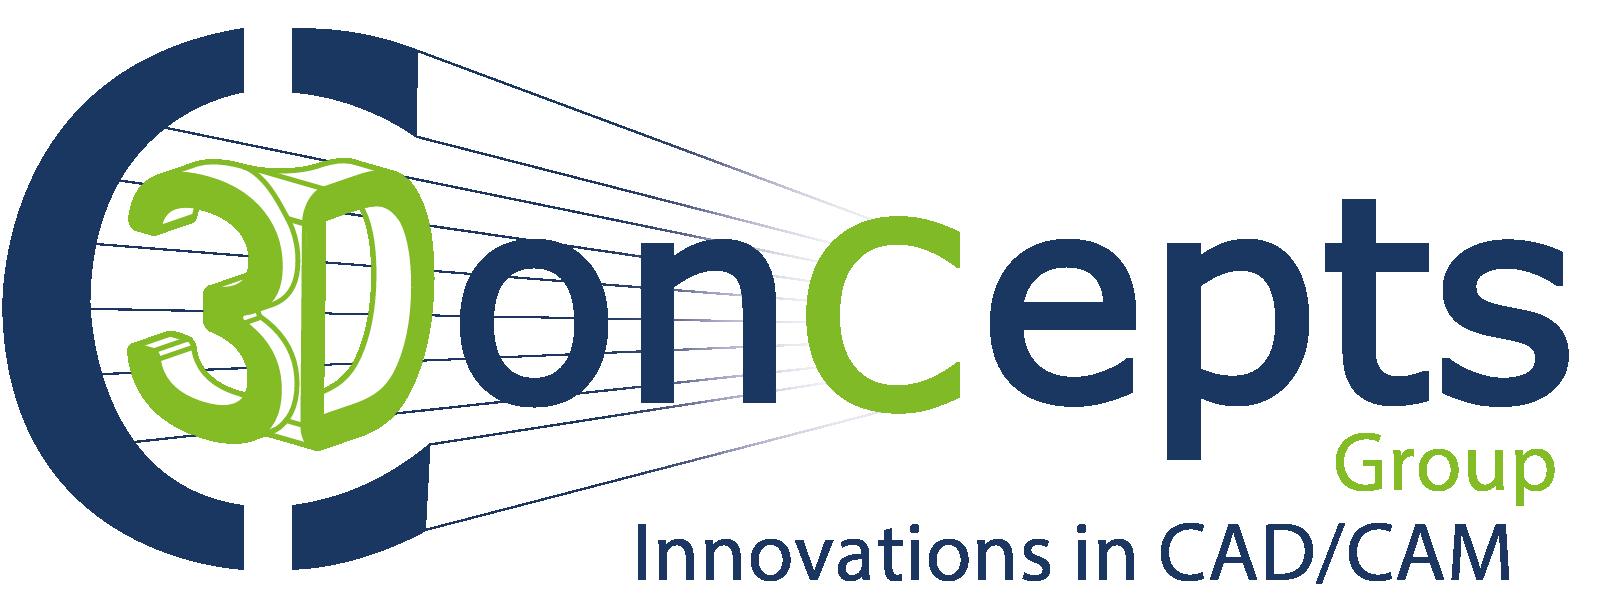 2015_08_07_3DC Logo